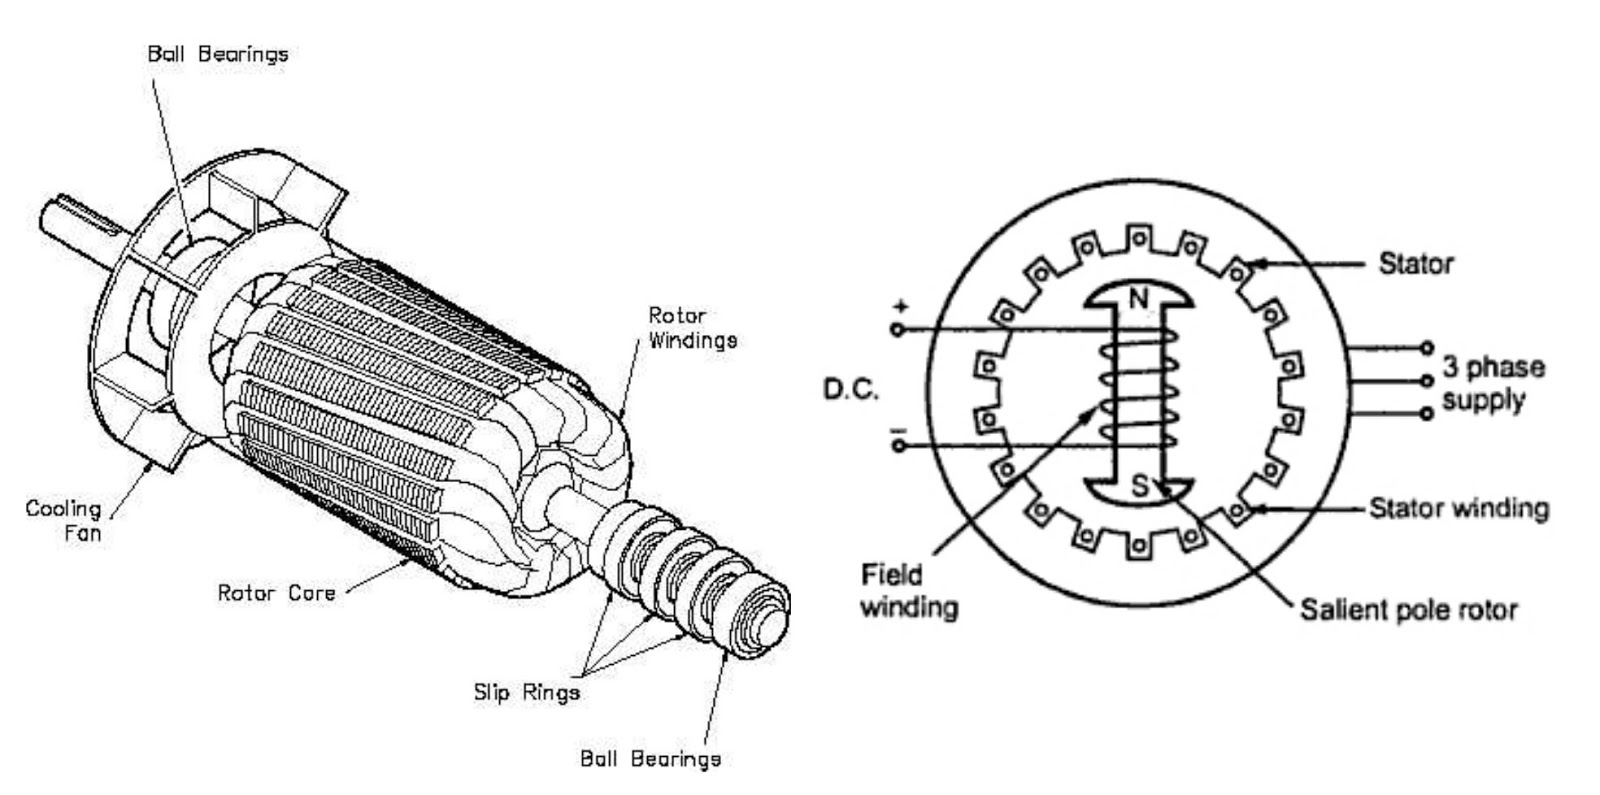 three phase electricity basics